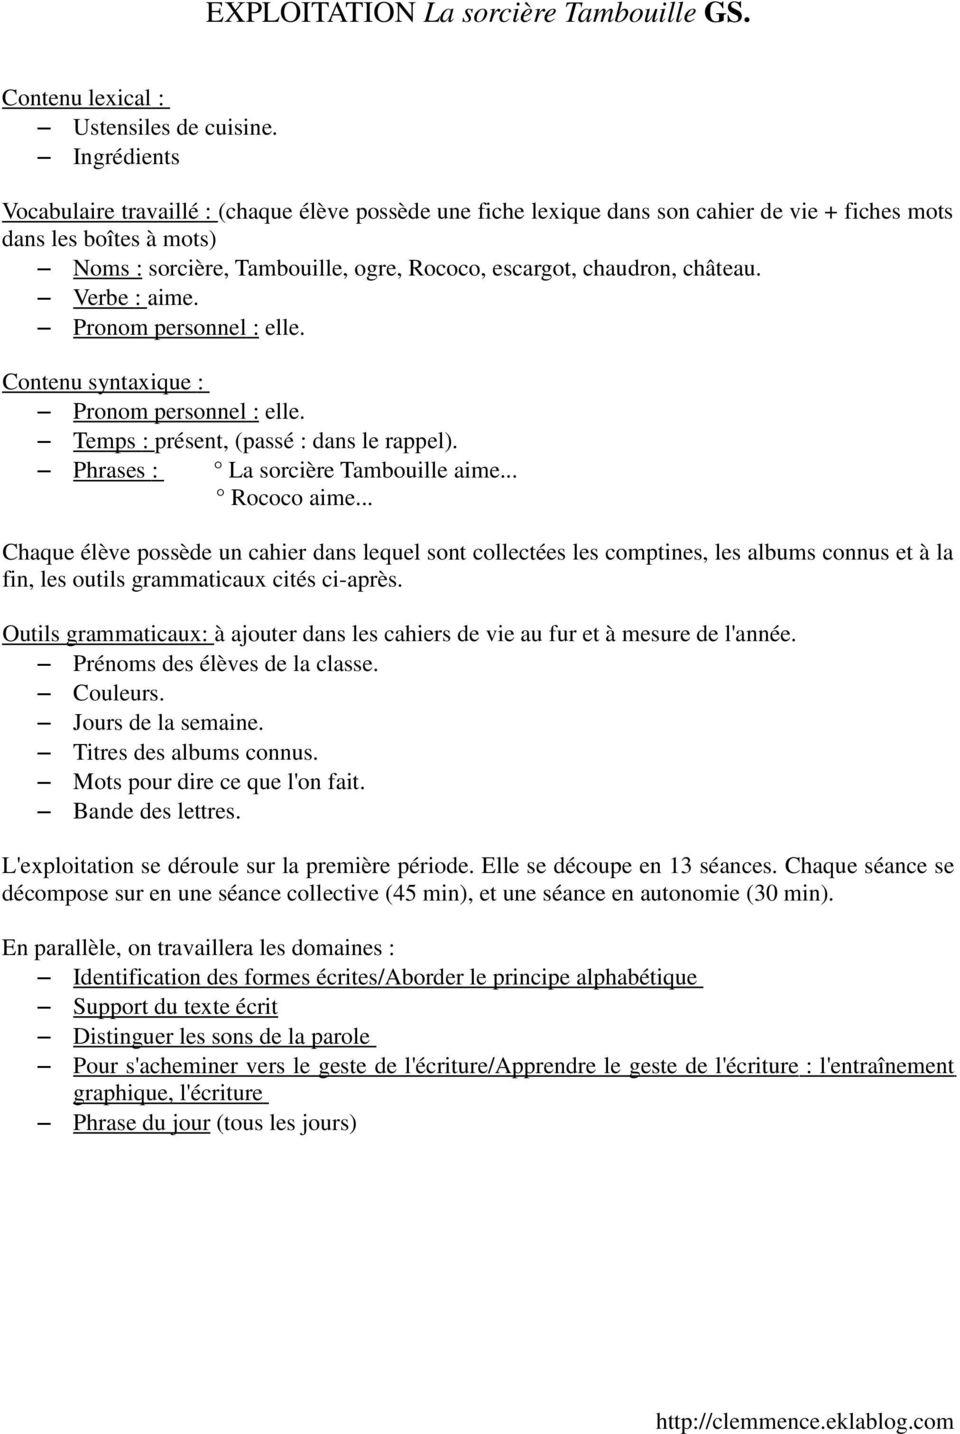 Exploitation La Sorcière Tambouille Gs. - Pdf Free Download à La Sorciere Tambouille